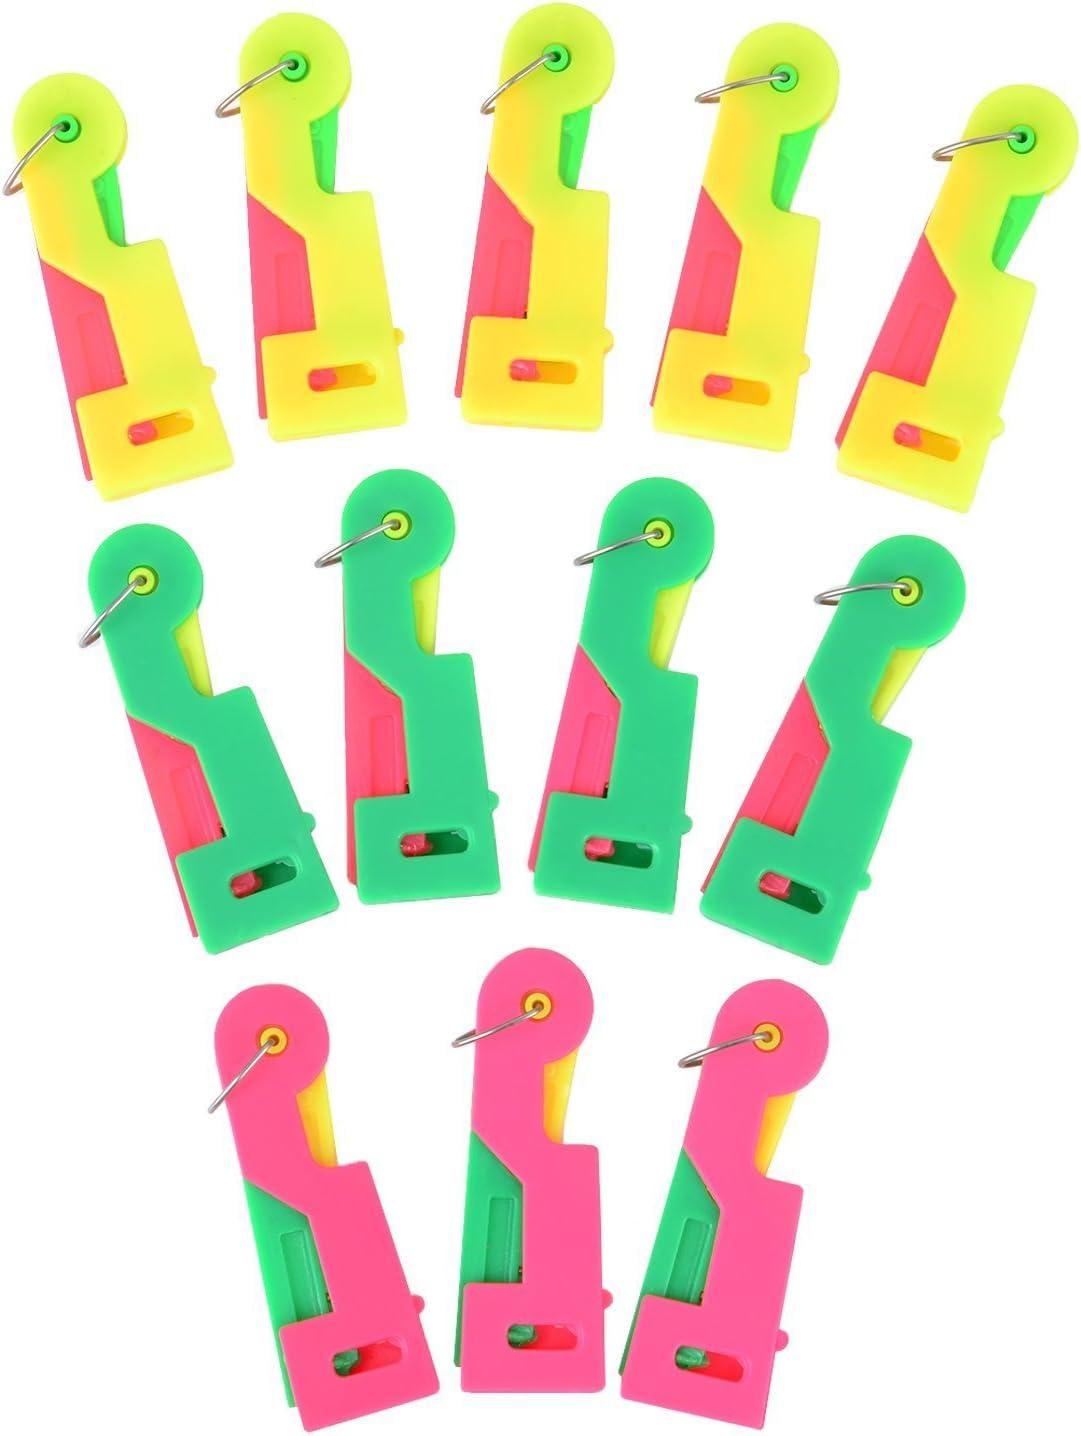 Agujas de Coser a Mano Incluidas Enhebrador Autom/ático Kit de Costura Profesional Annote Enhebrador de Agujas Autom/ático Enebradoras Hilo para M/áquina de Coser Color Verde